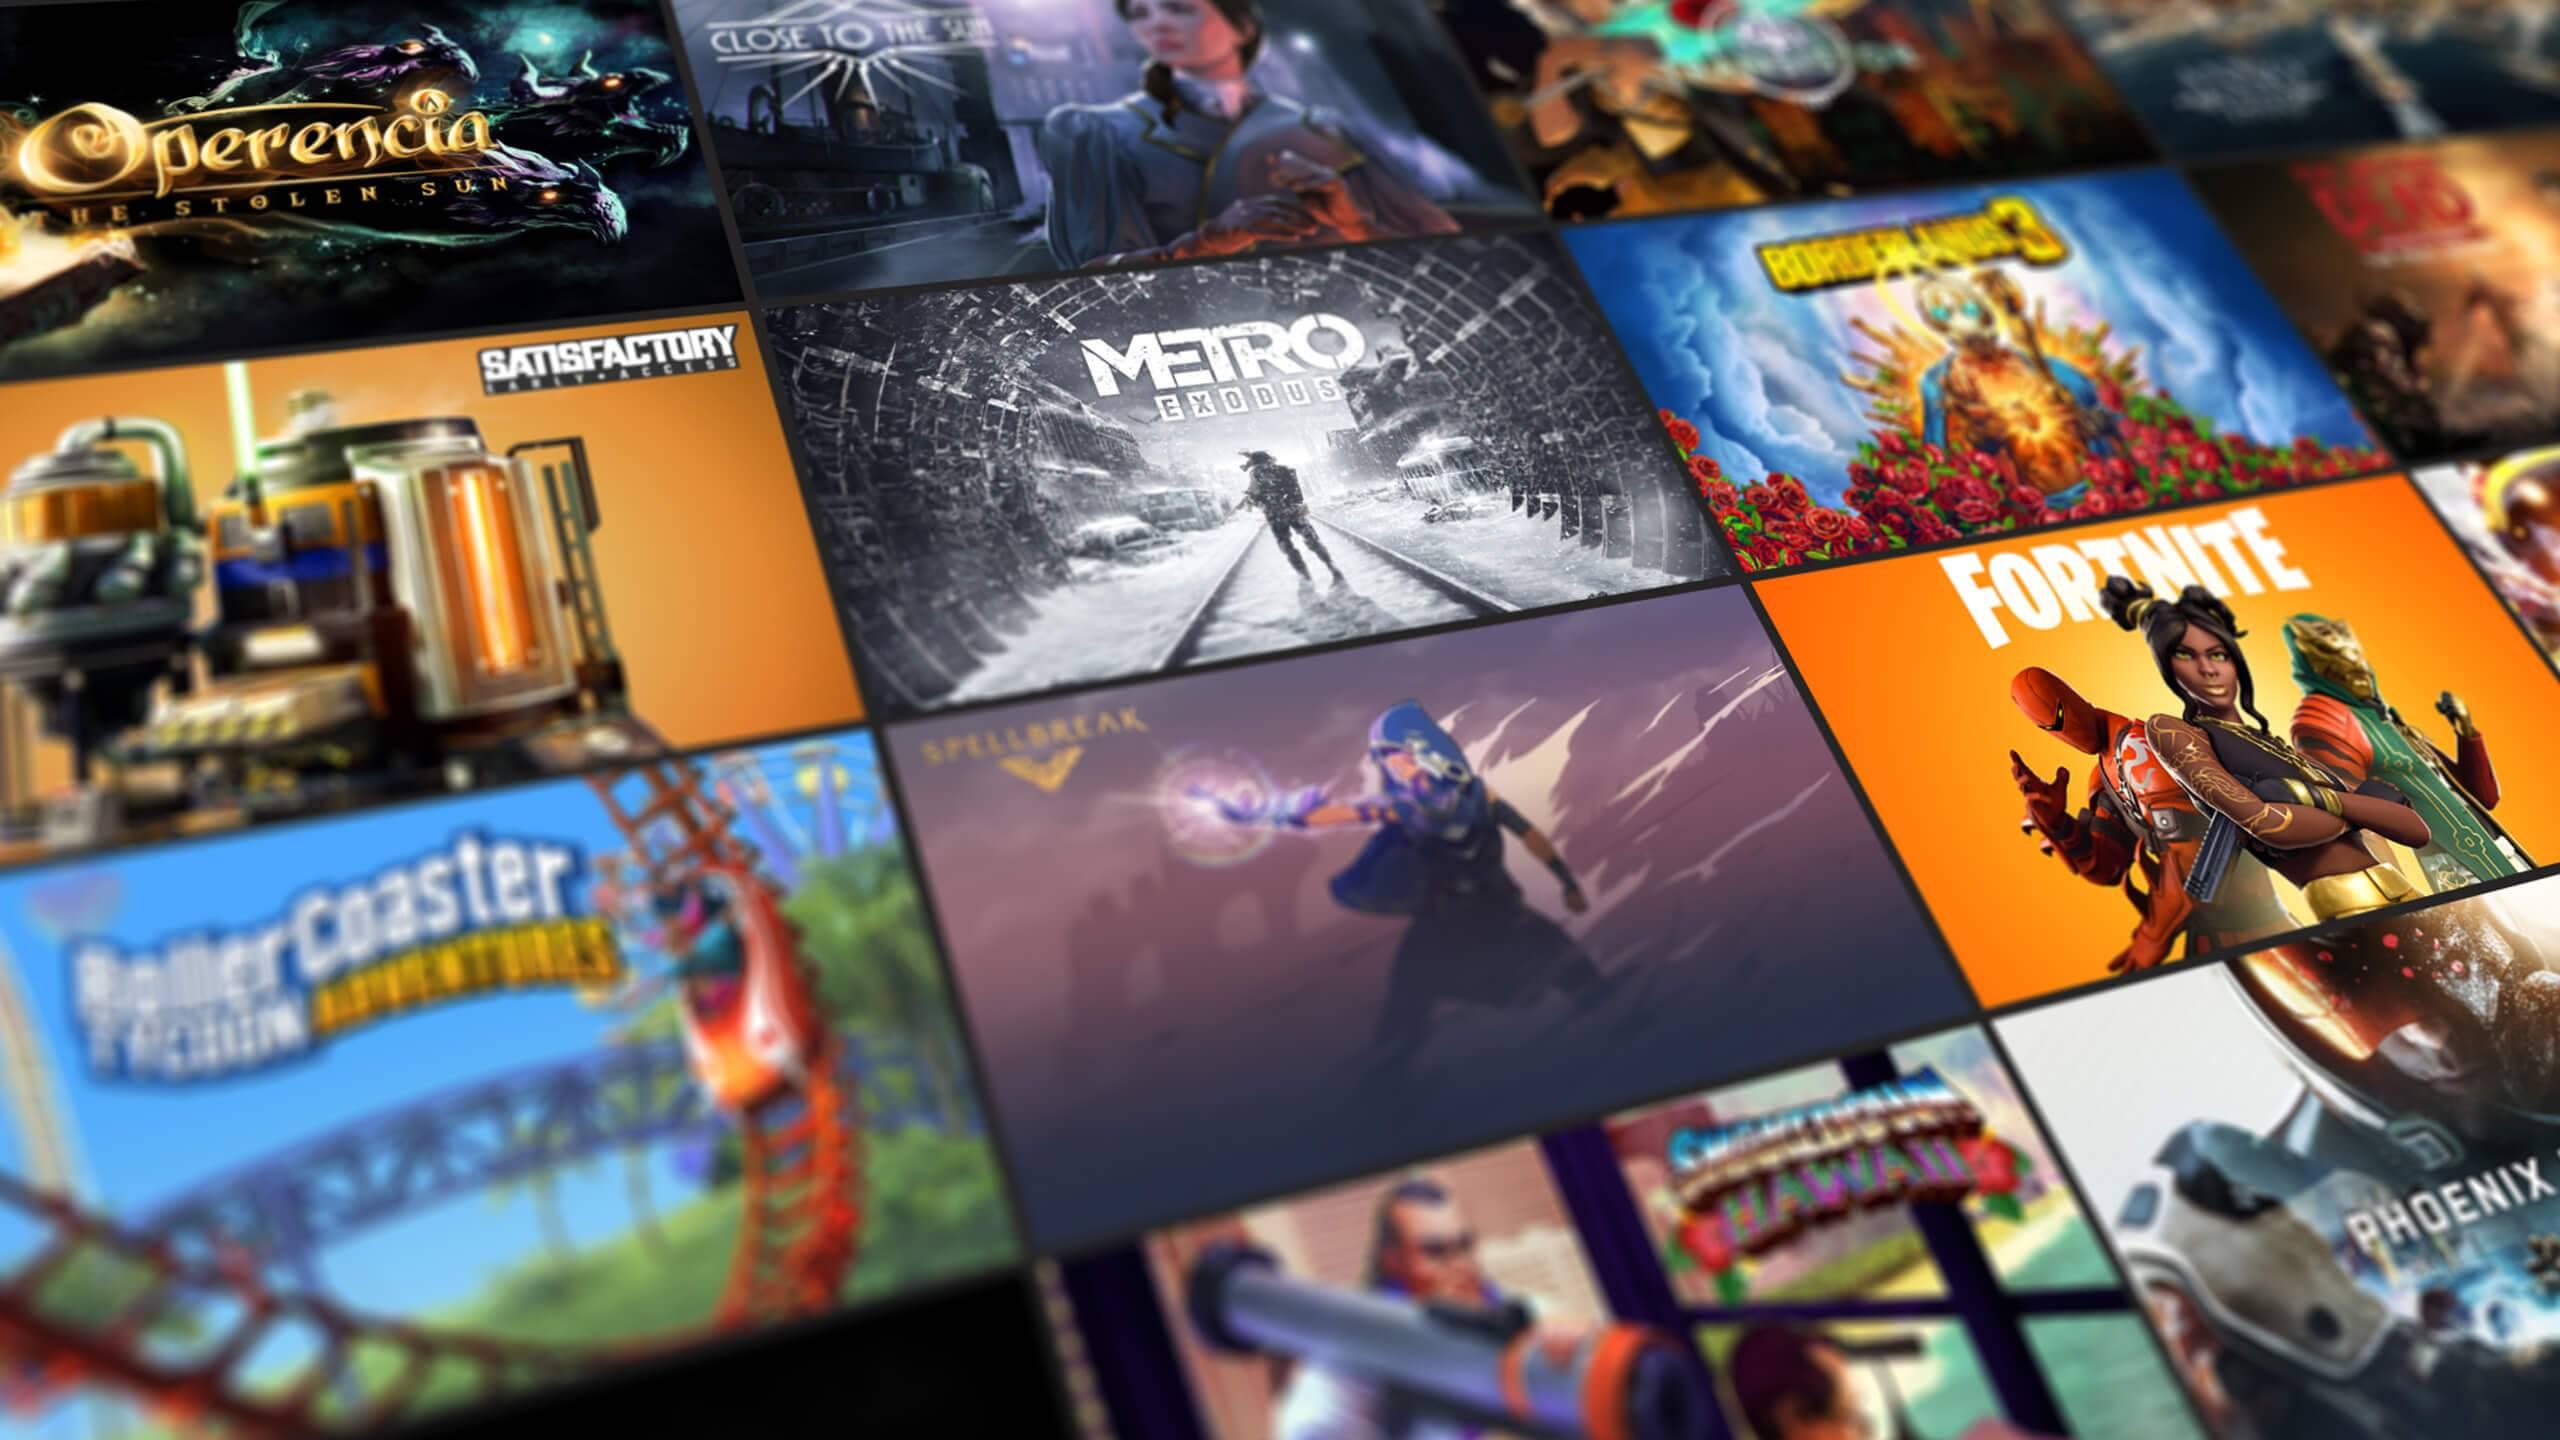 epic games ucretsiz oyun nasil alinir